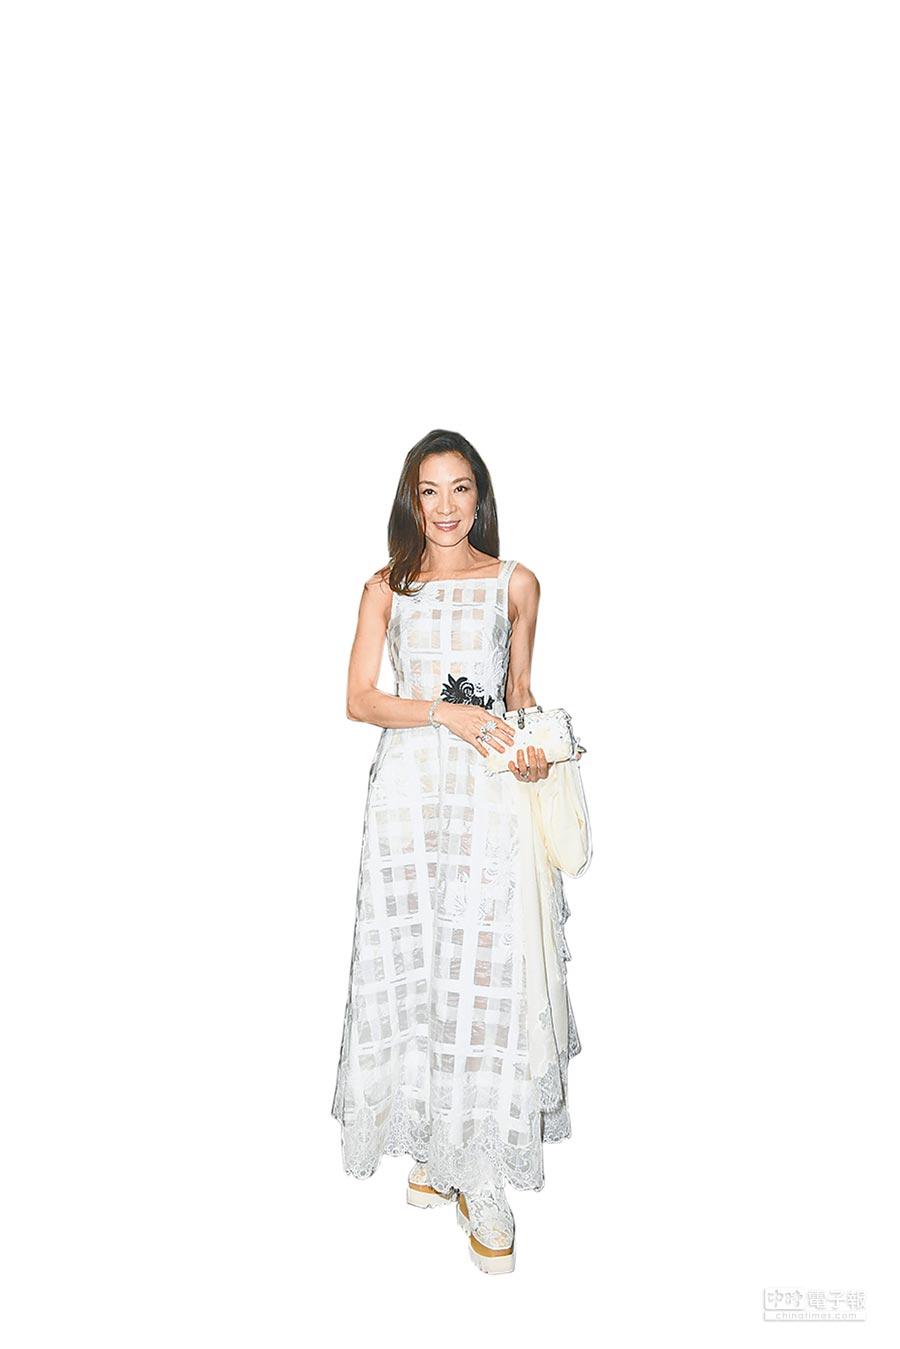 楊紫瓊出席SHIATZY CHEN秋冬在巴黎的時裝大秀,身上的白色紗線洋裝飾有蕾絲營造閃爍質感。(SHIATZY CHEN提供)